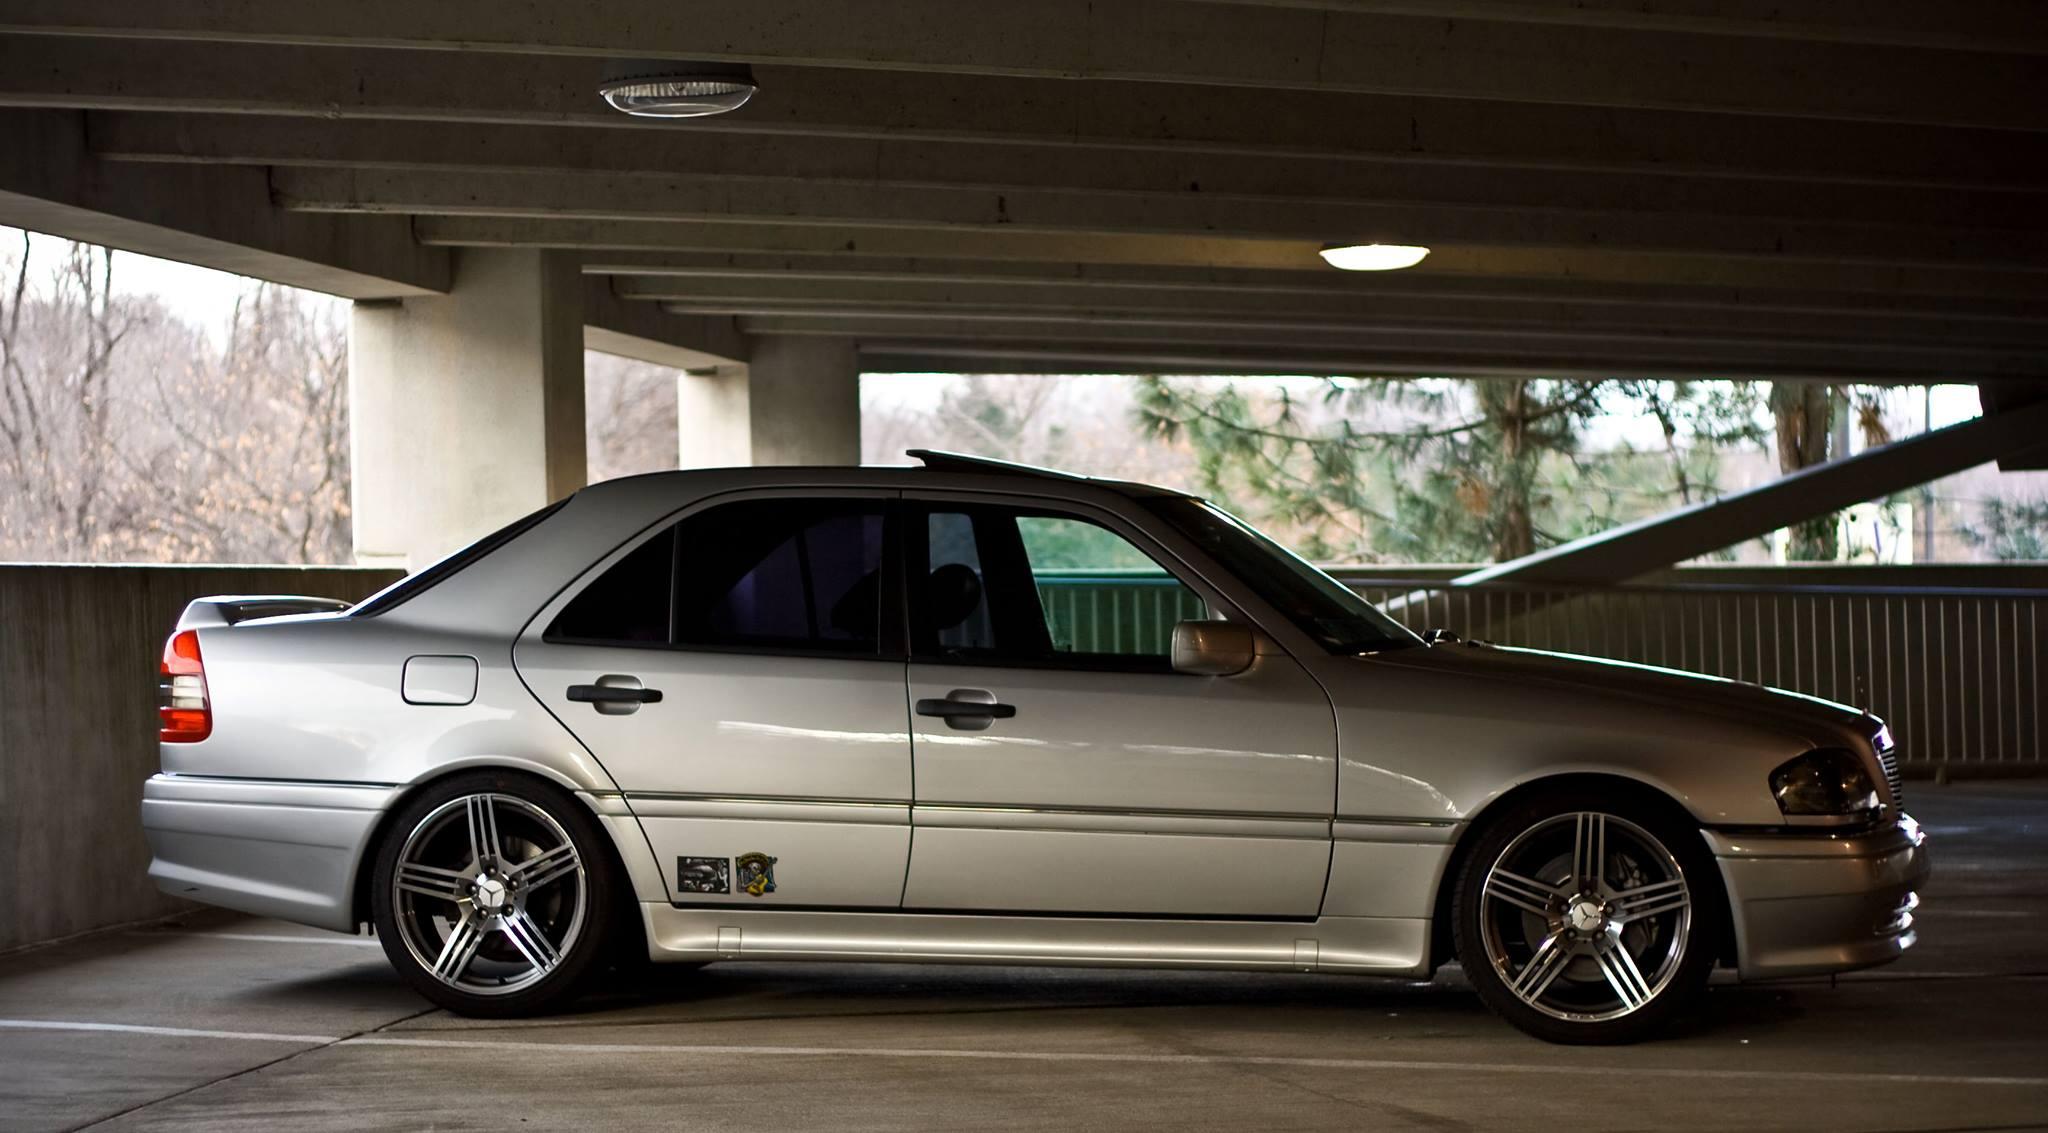 Mercedes-Benz W202 Photos